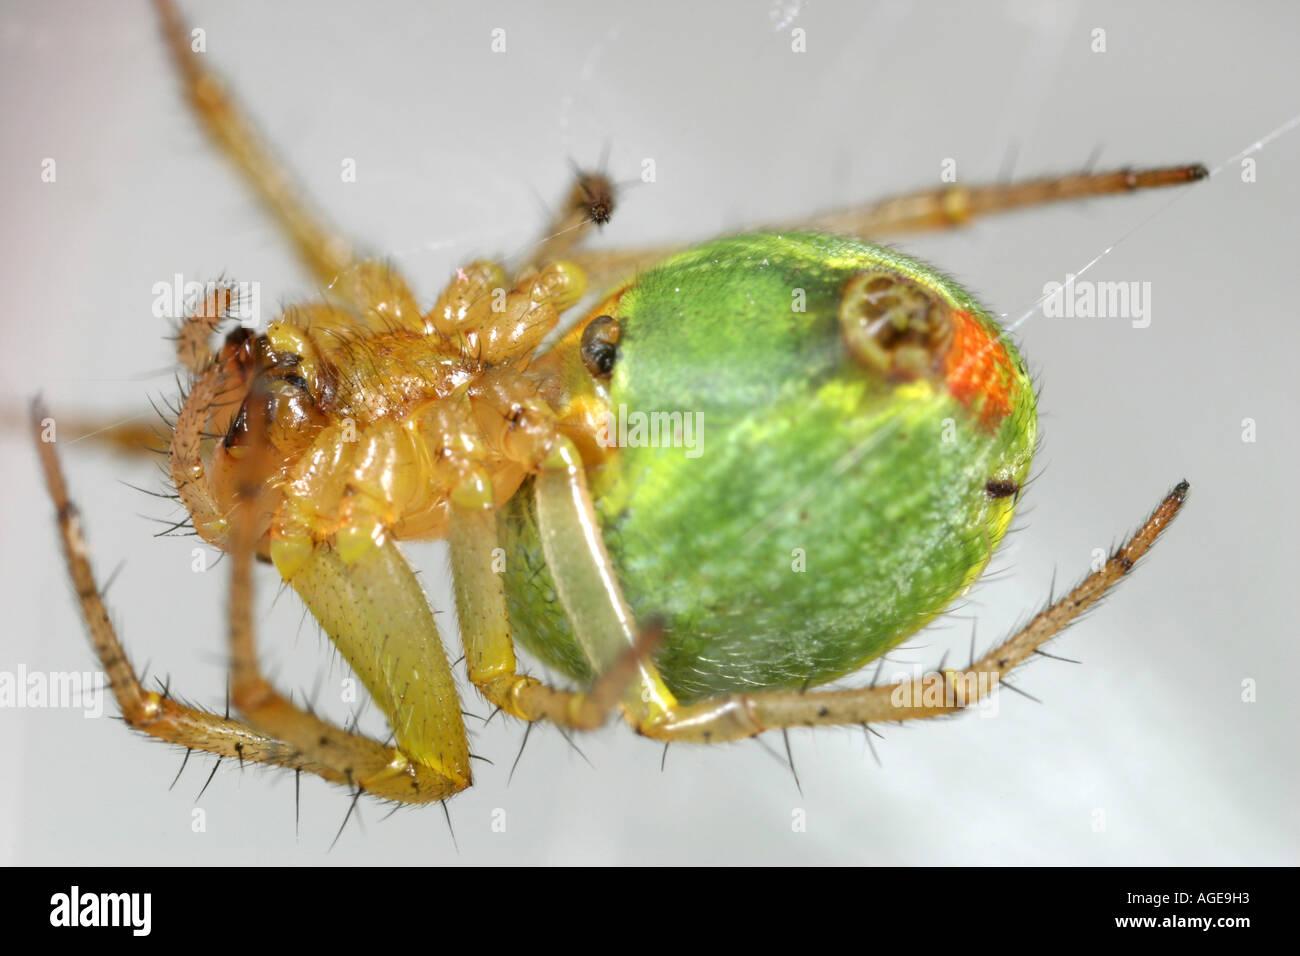 Cucumber Spider, Araniella Cucurbitina, hanging upside down in its web Stock Photo